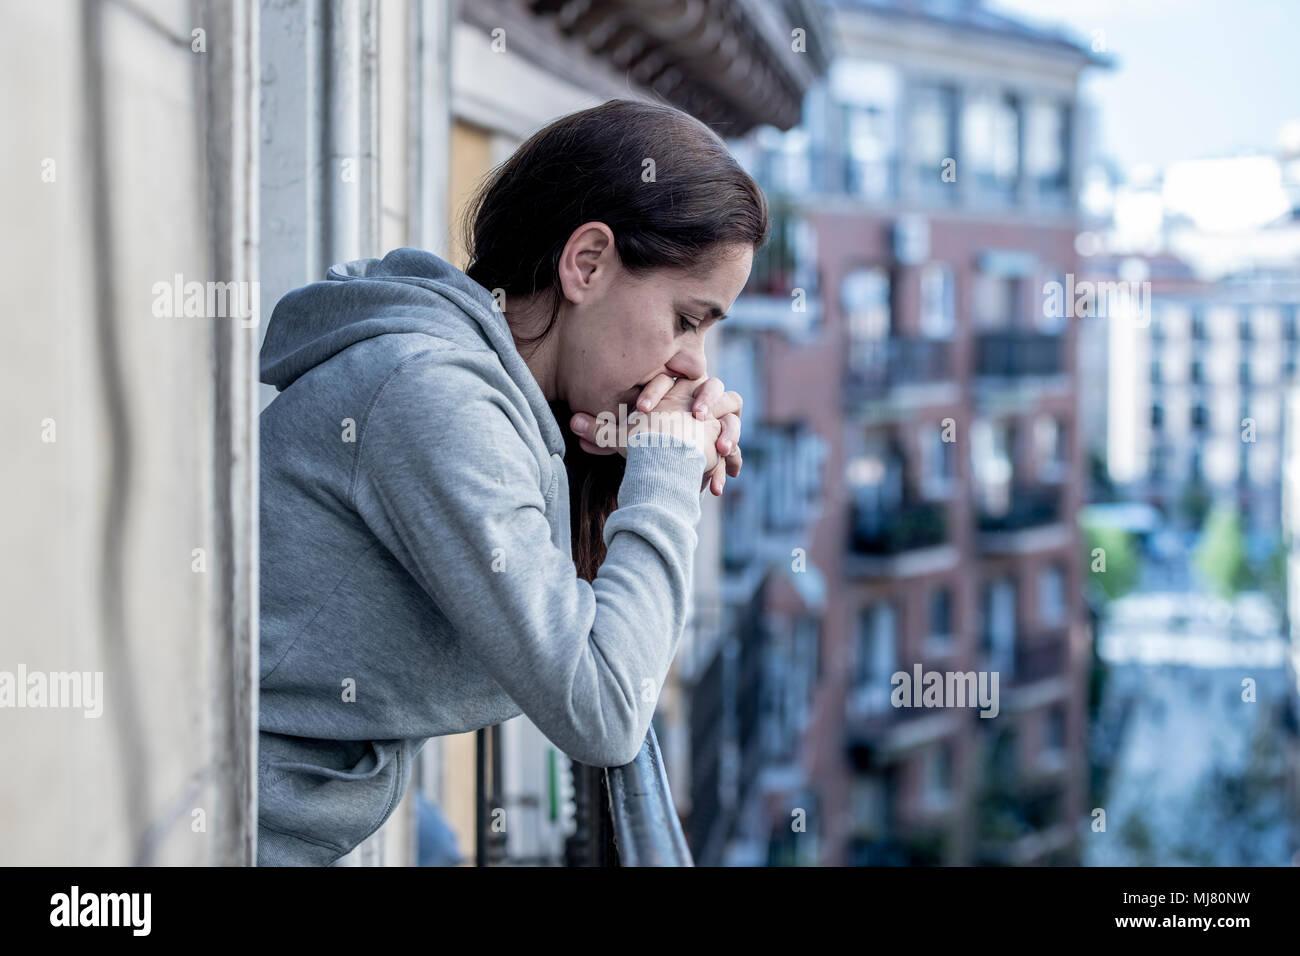 Giovani latino. triste e depresso donna in piedi su un balcone sensazione oltre sopraffatto e sofferenza in depressione salute mentale concetto Foto Stock